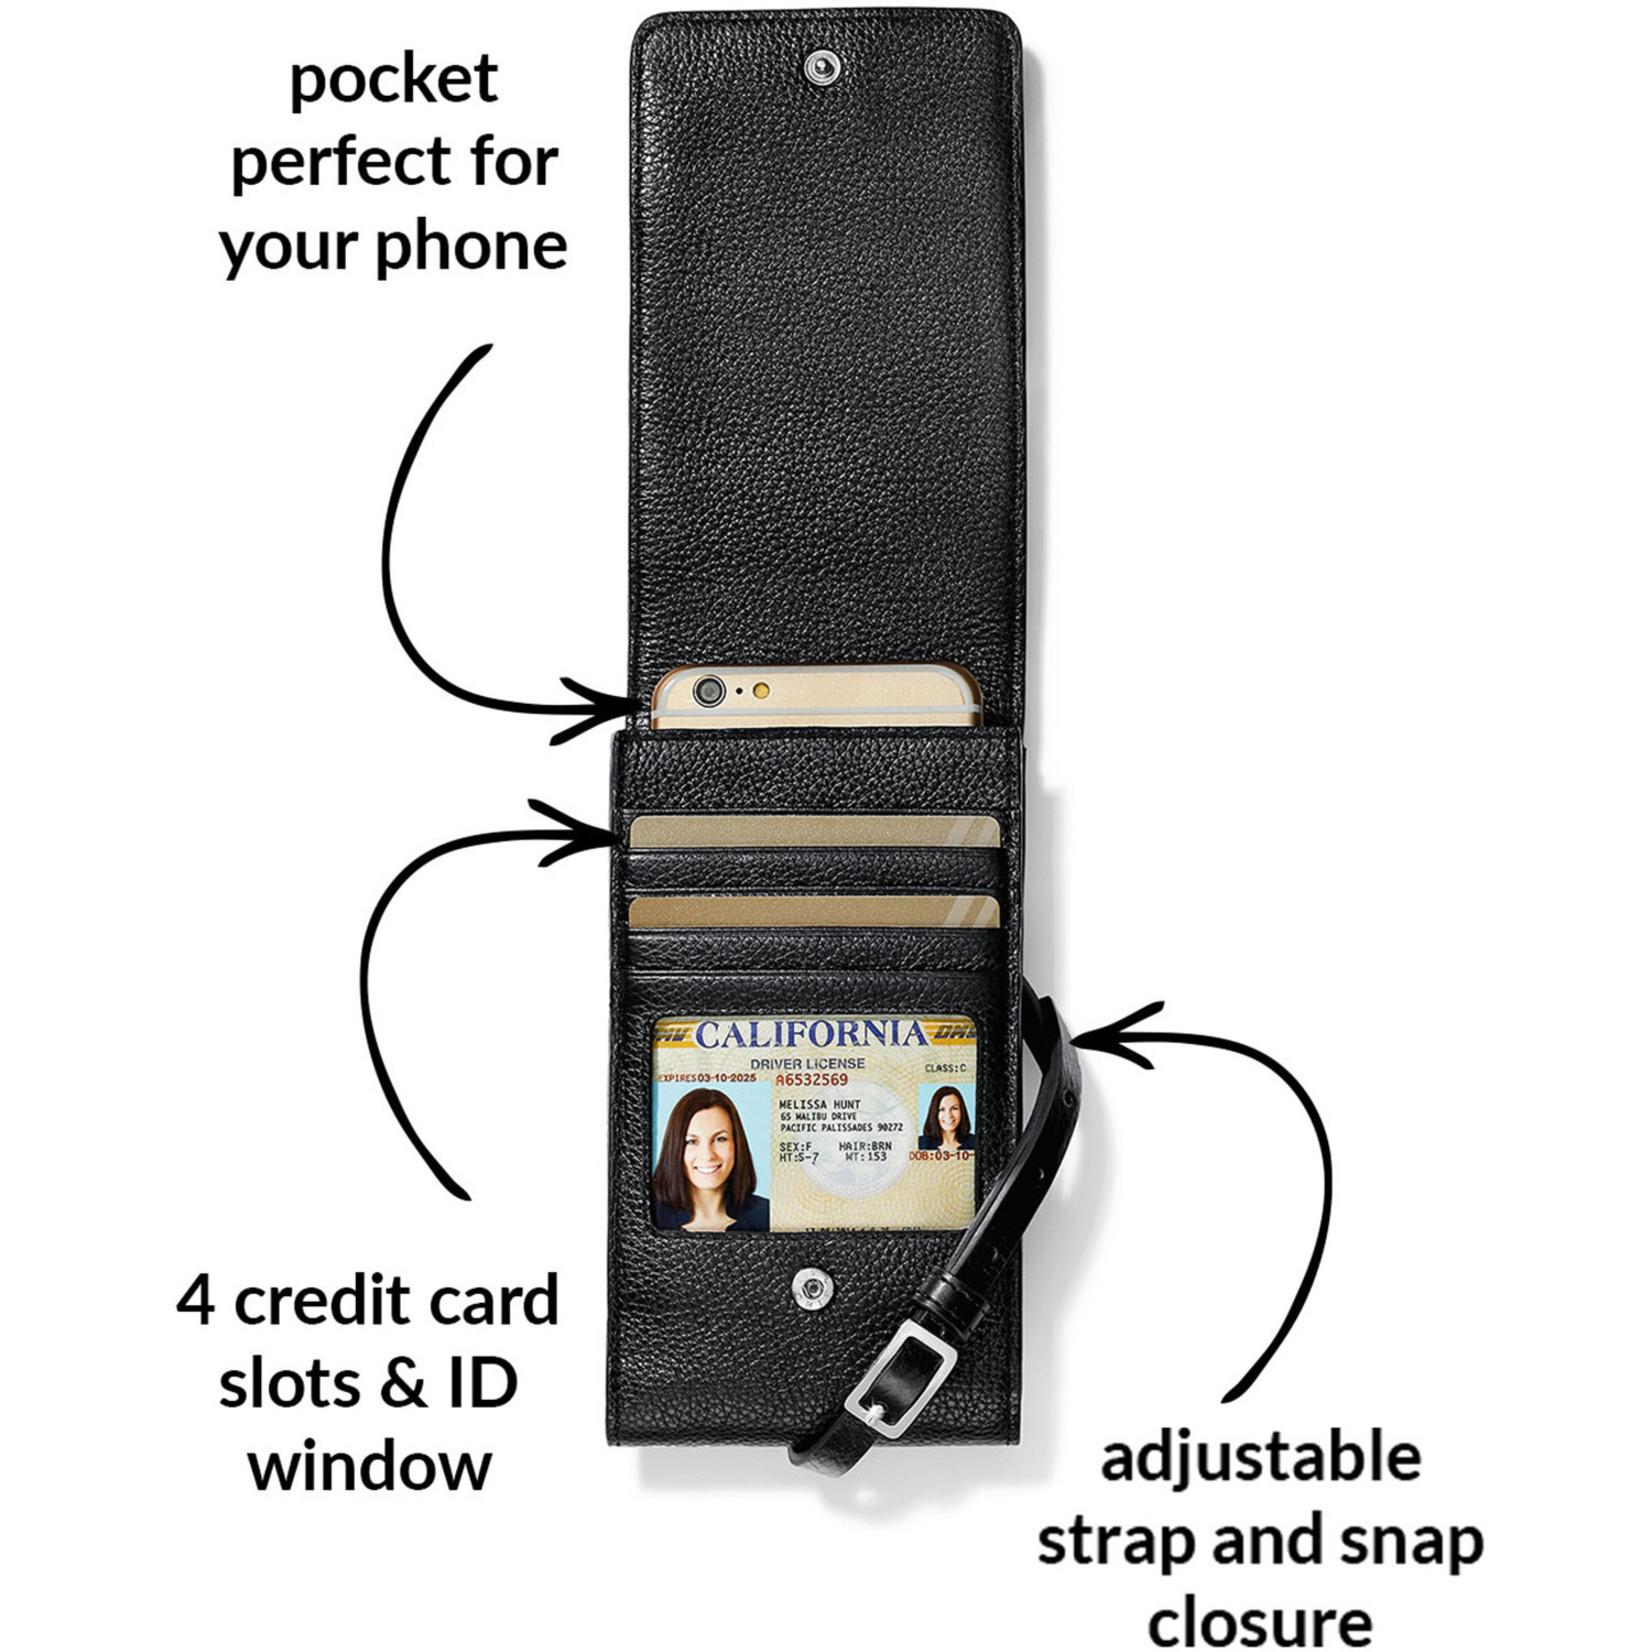 Brighton E53253 Pretty Tough Rox Phone Organizer - Black